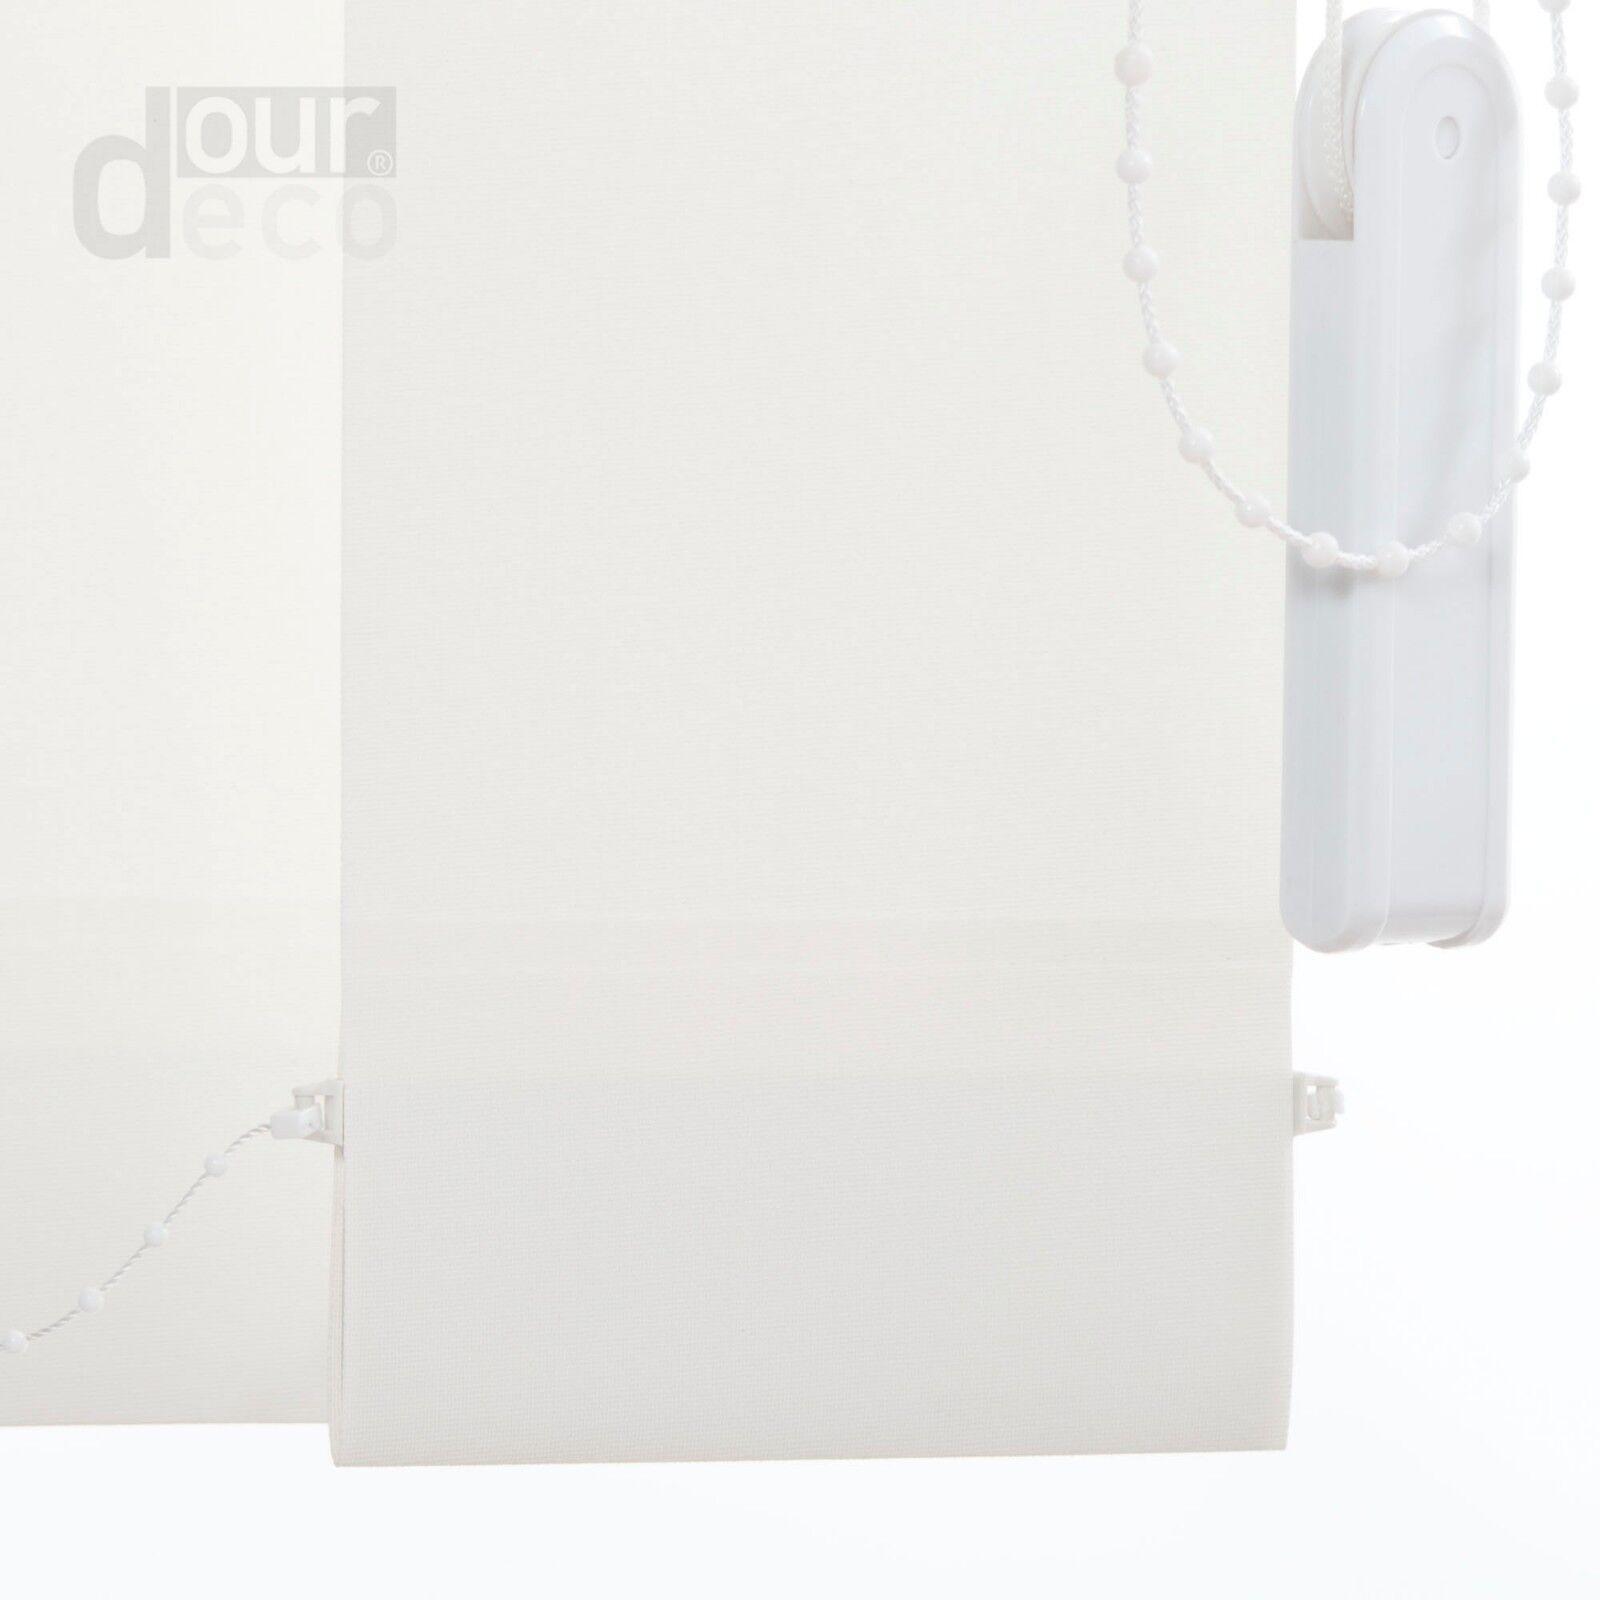 Ourdeco® Lamellenvorhang Grünikalanlage Grünikalanlage Grünikalanlage Lamelle 89, 127 mm Länge kürzbar weiss | Niedriger Preis und gute Qualität  29ff98